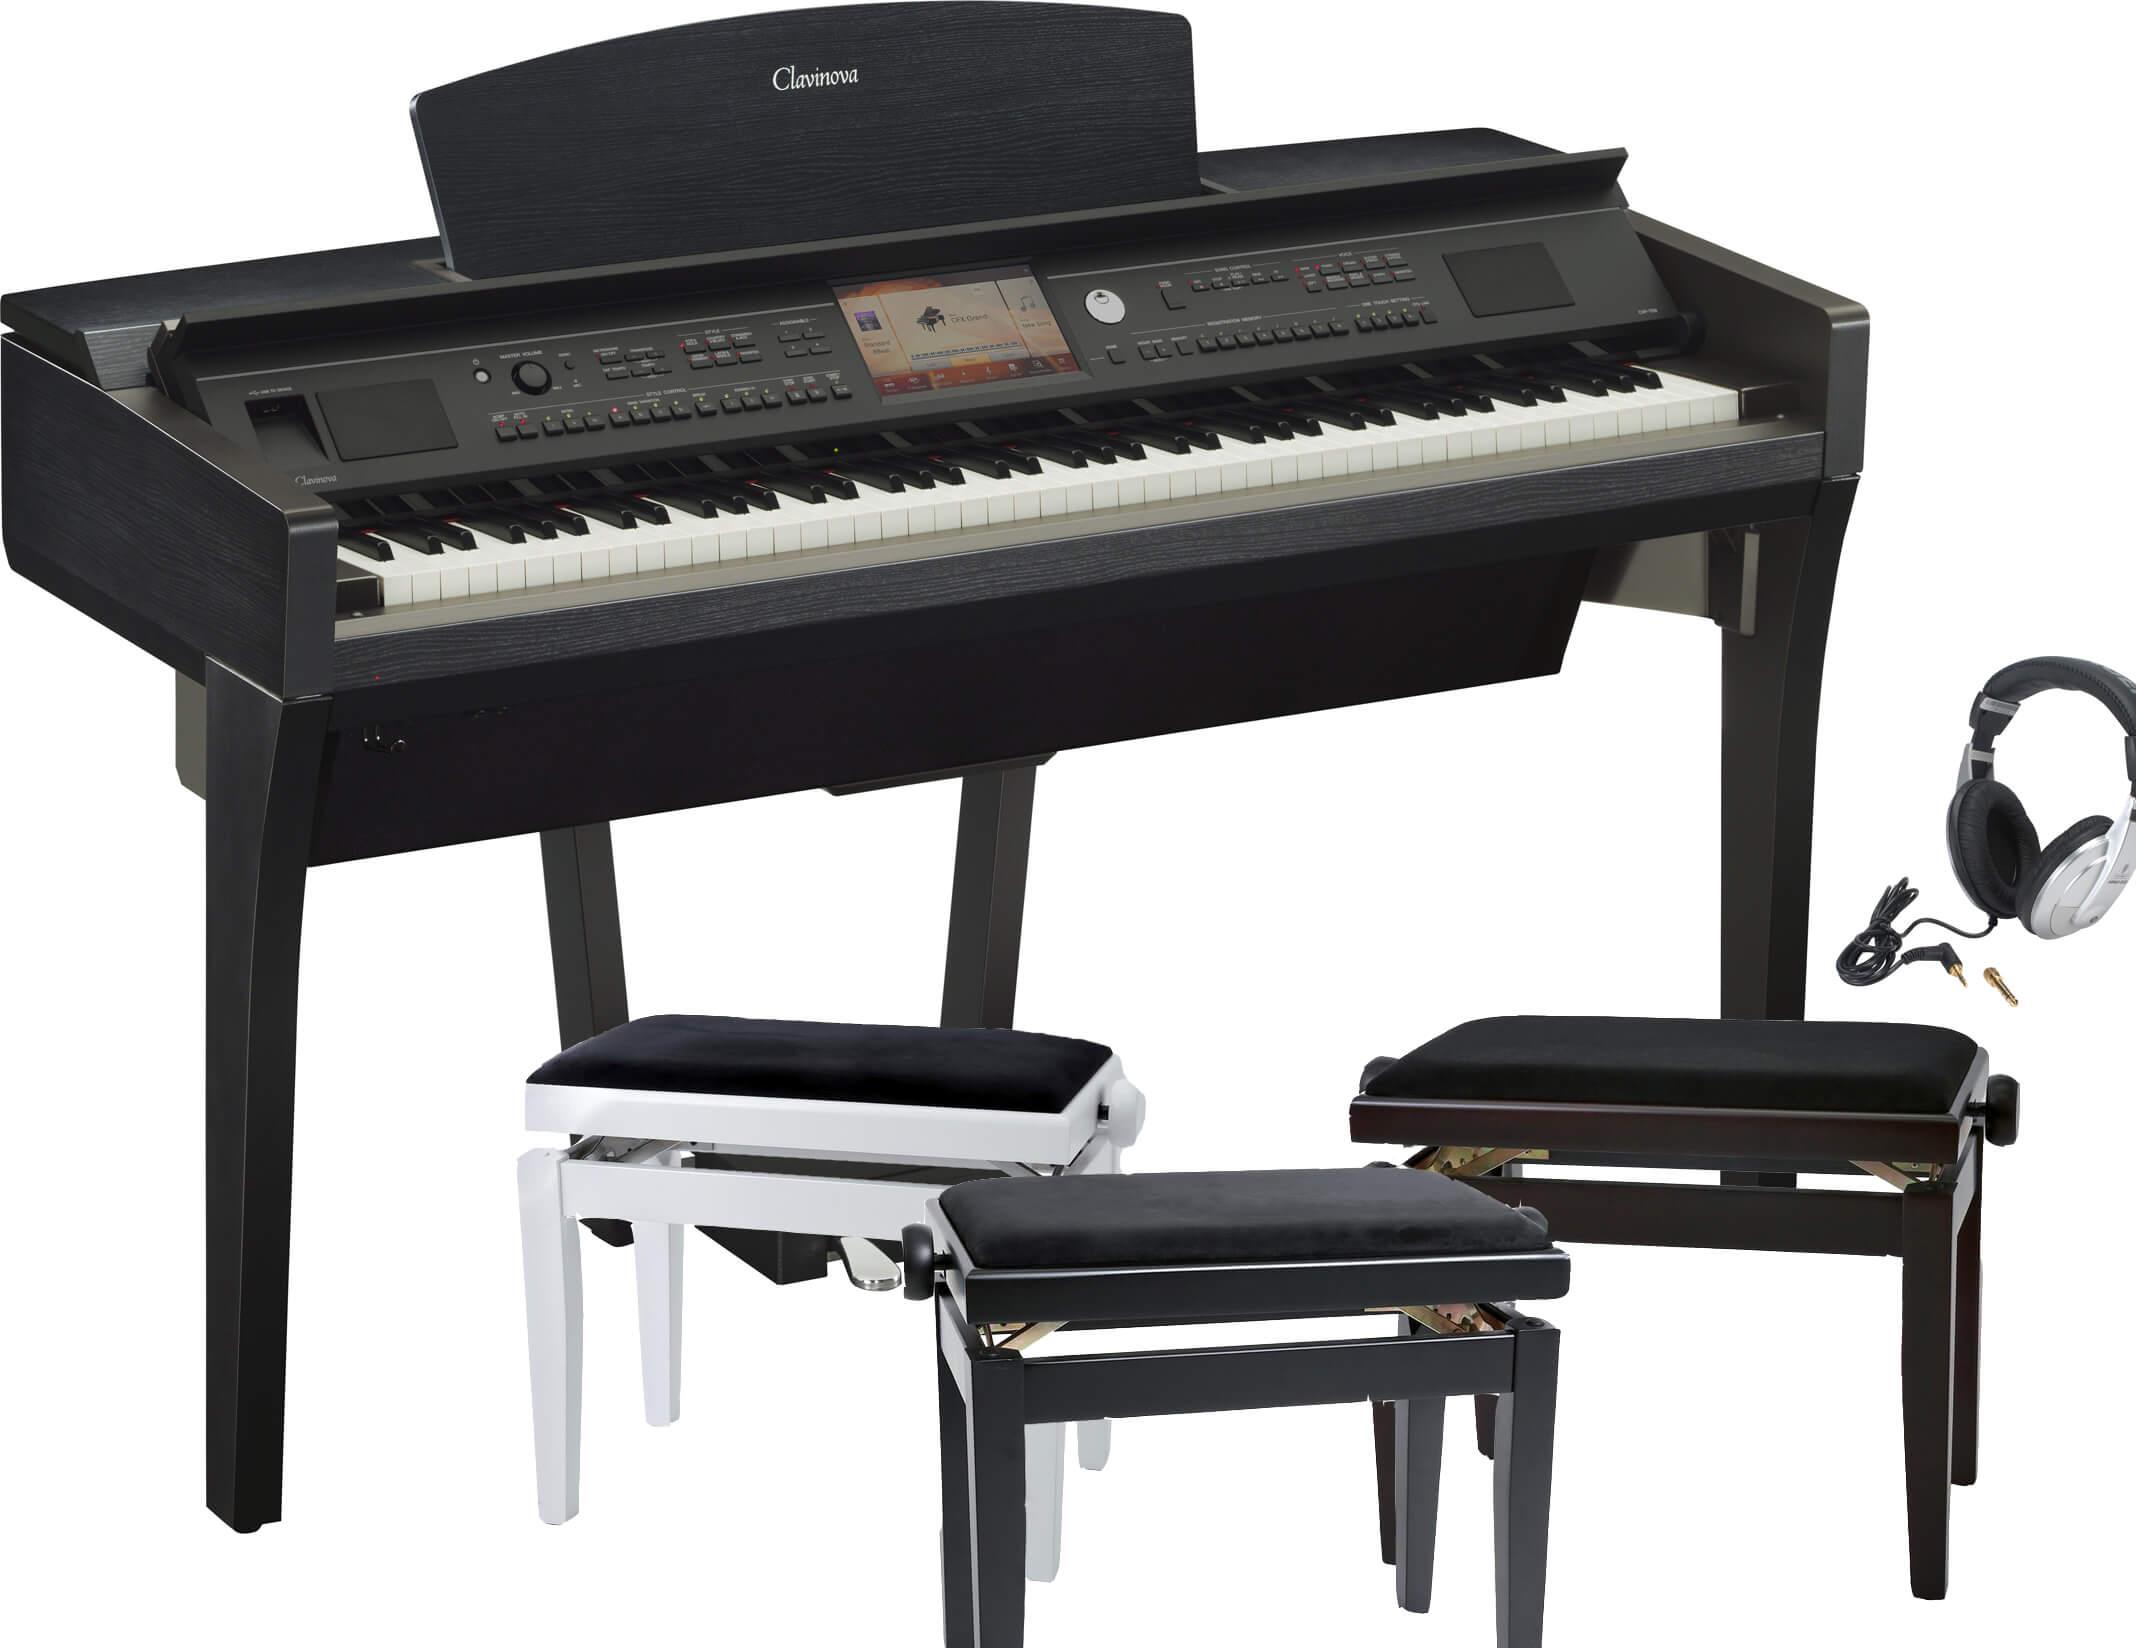 Pack Piano Digital Yamaha CVP-709 con banqueta y auriculares